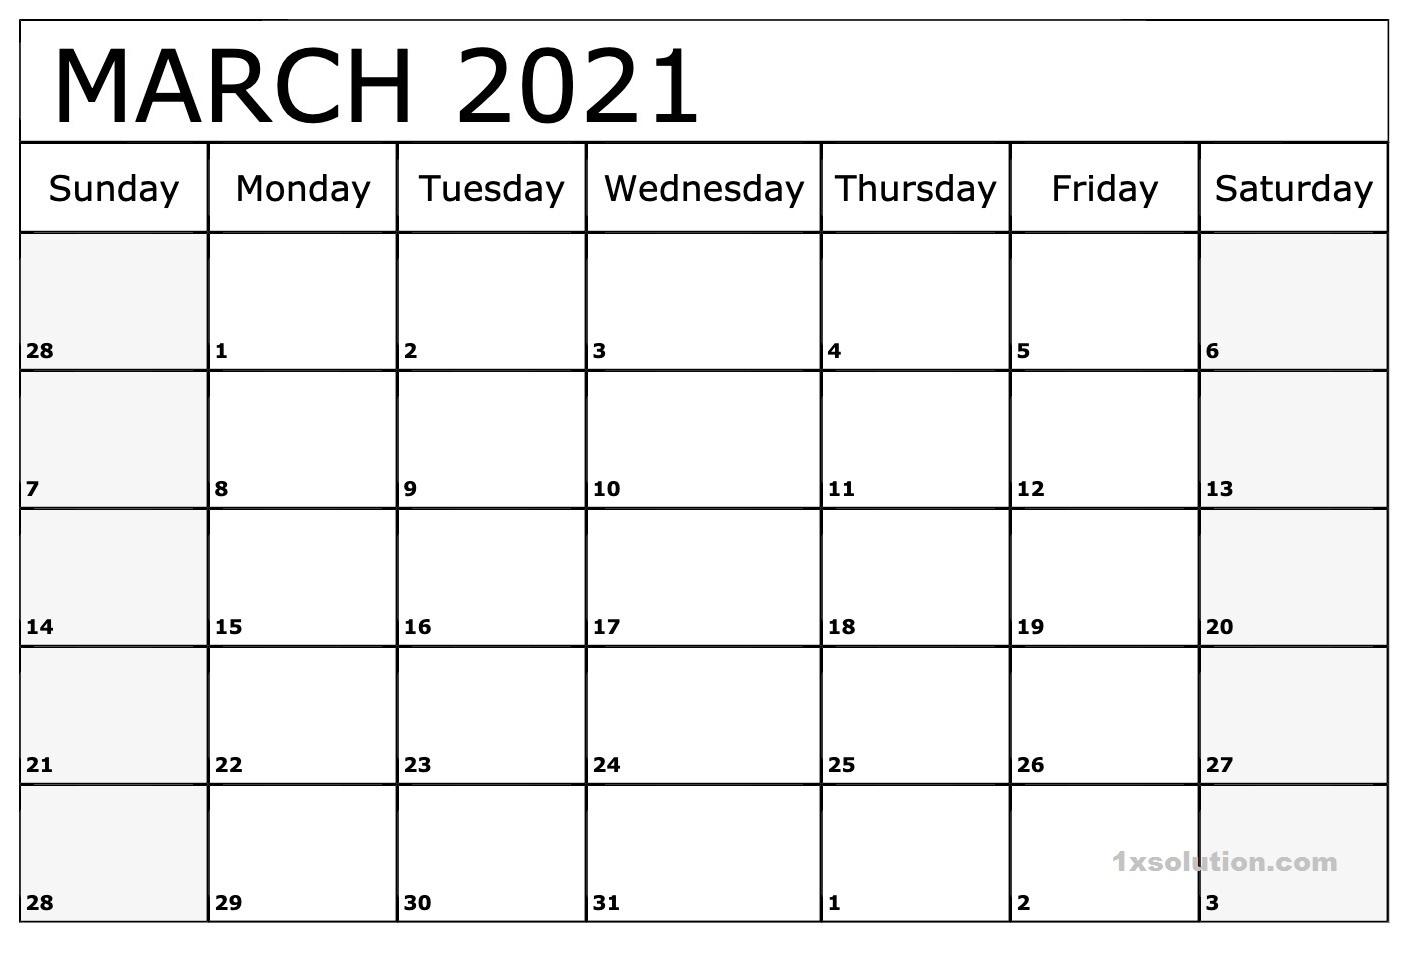 Blank March 2021 Calendar Template